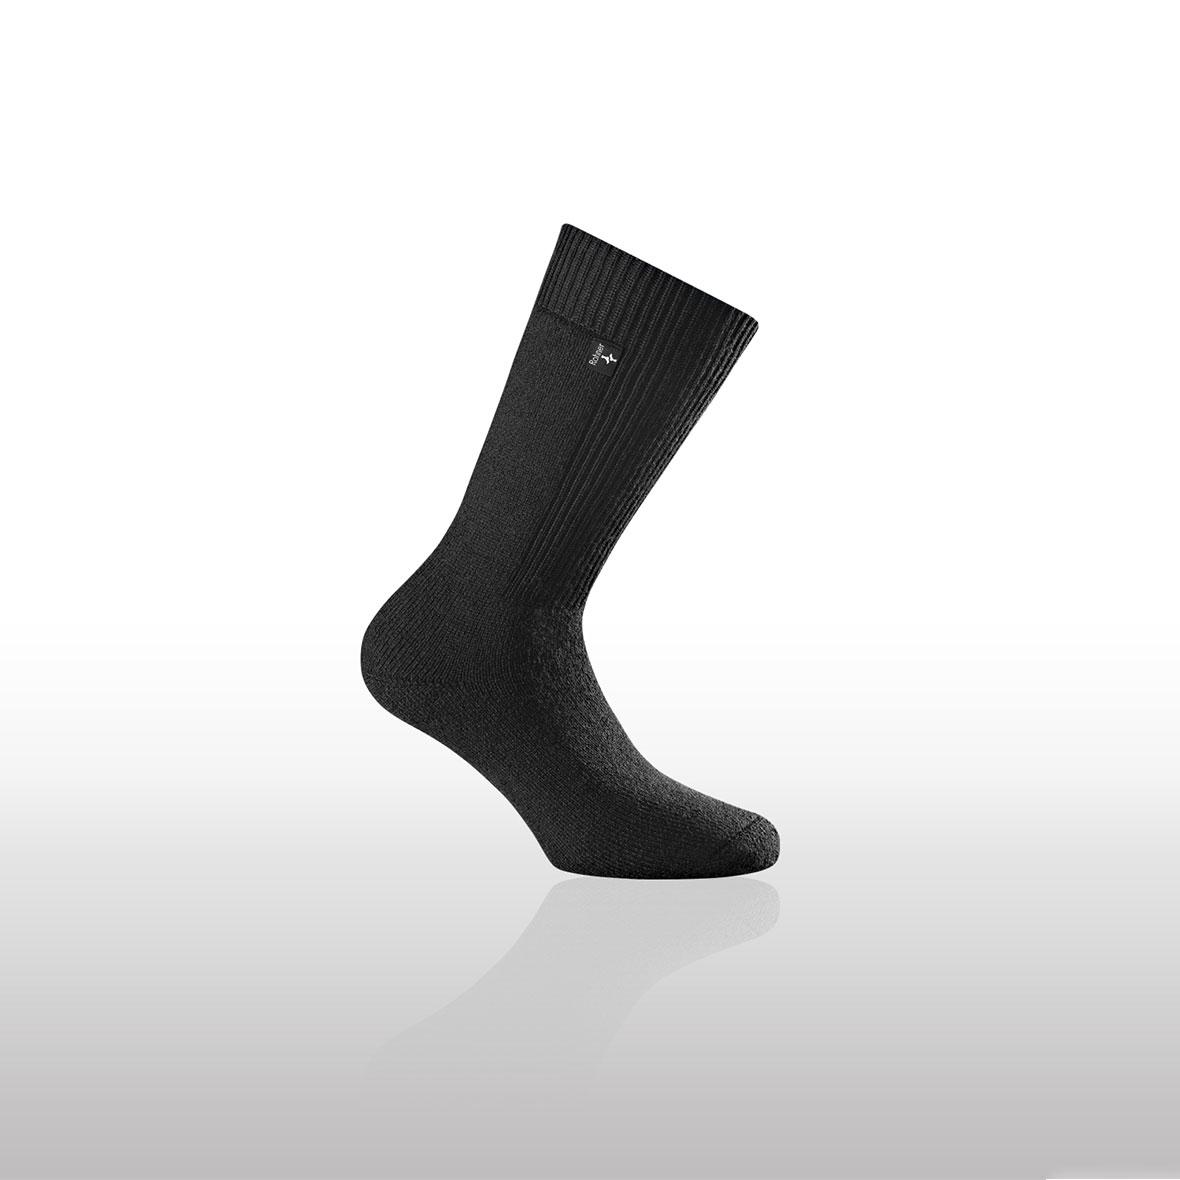 Socken army / working von Rohner, schwarz